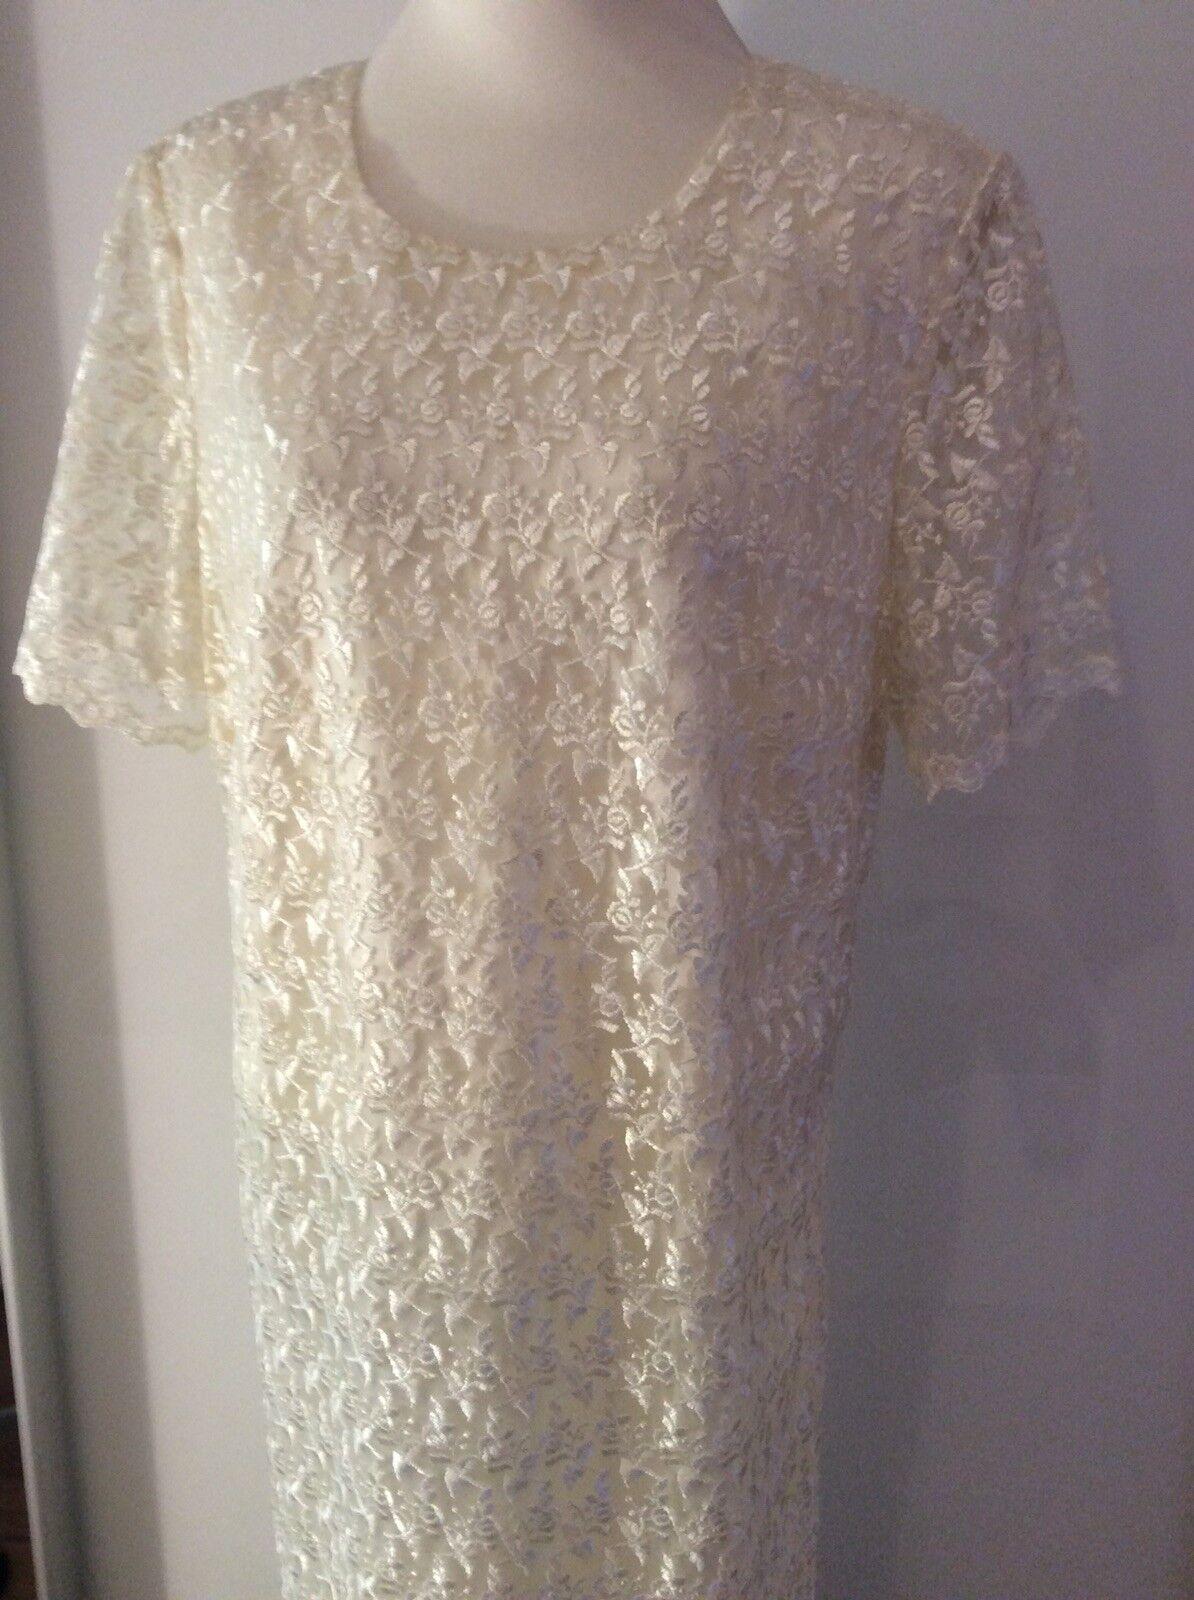 Kleid Sehr apart Damenmode Accessoires Größe Größe Größe 46.Diva Blogger. | Qualität und Verbraucher an erster Stelle  | Innovation  | Angenehmes Gefühl  ff24df